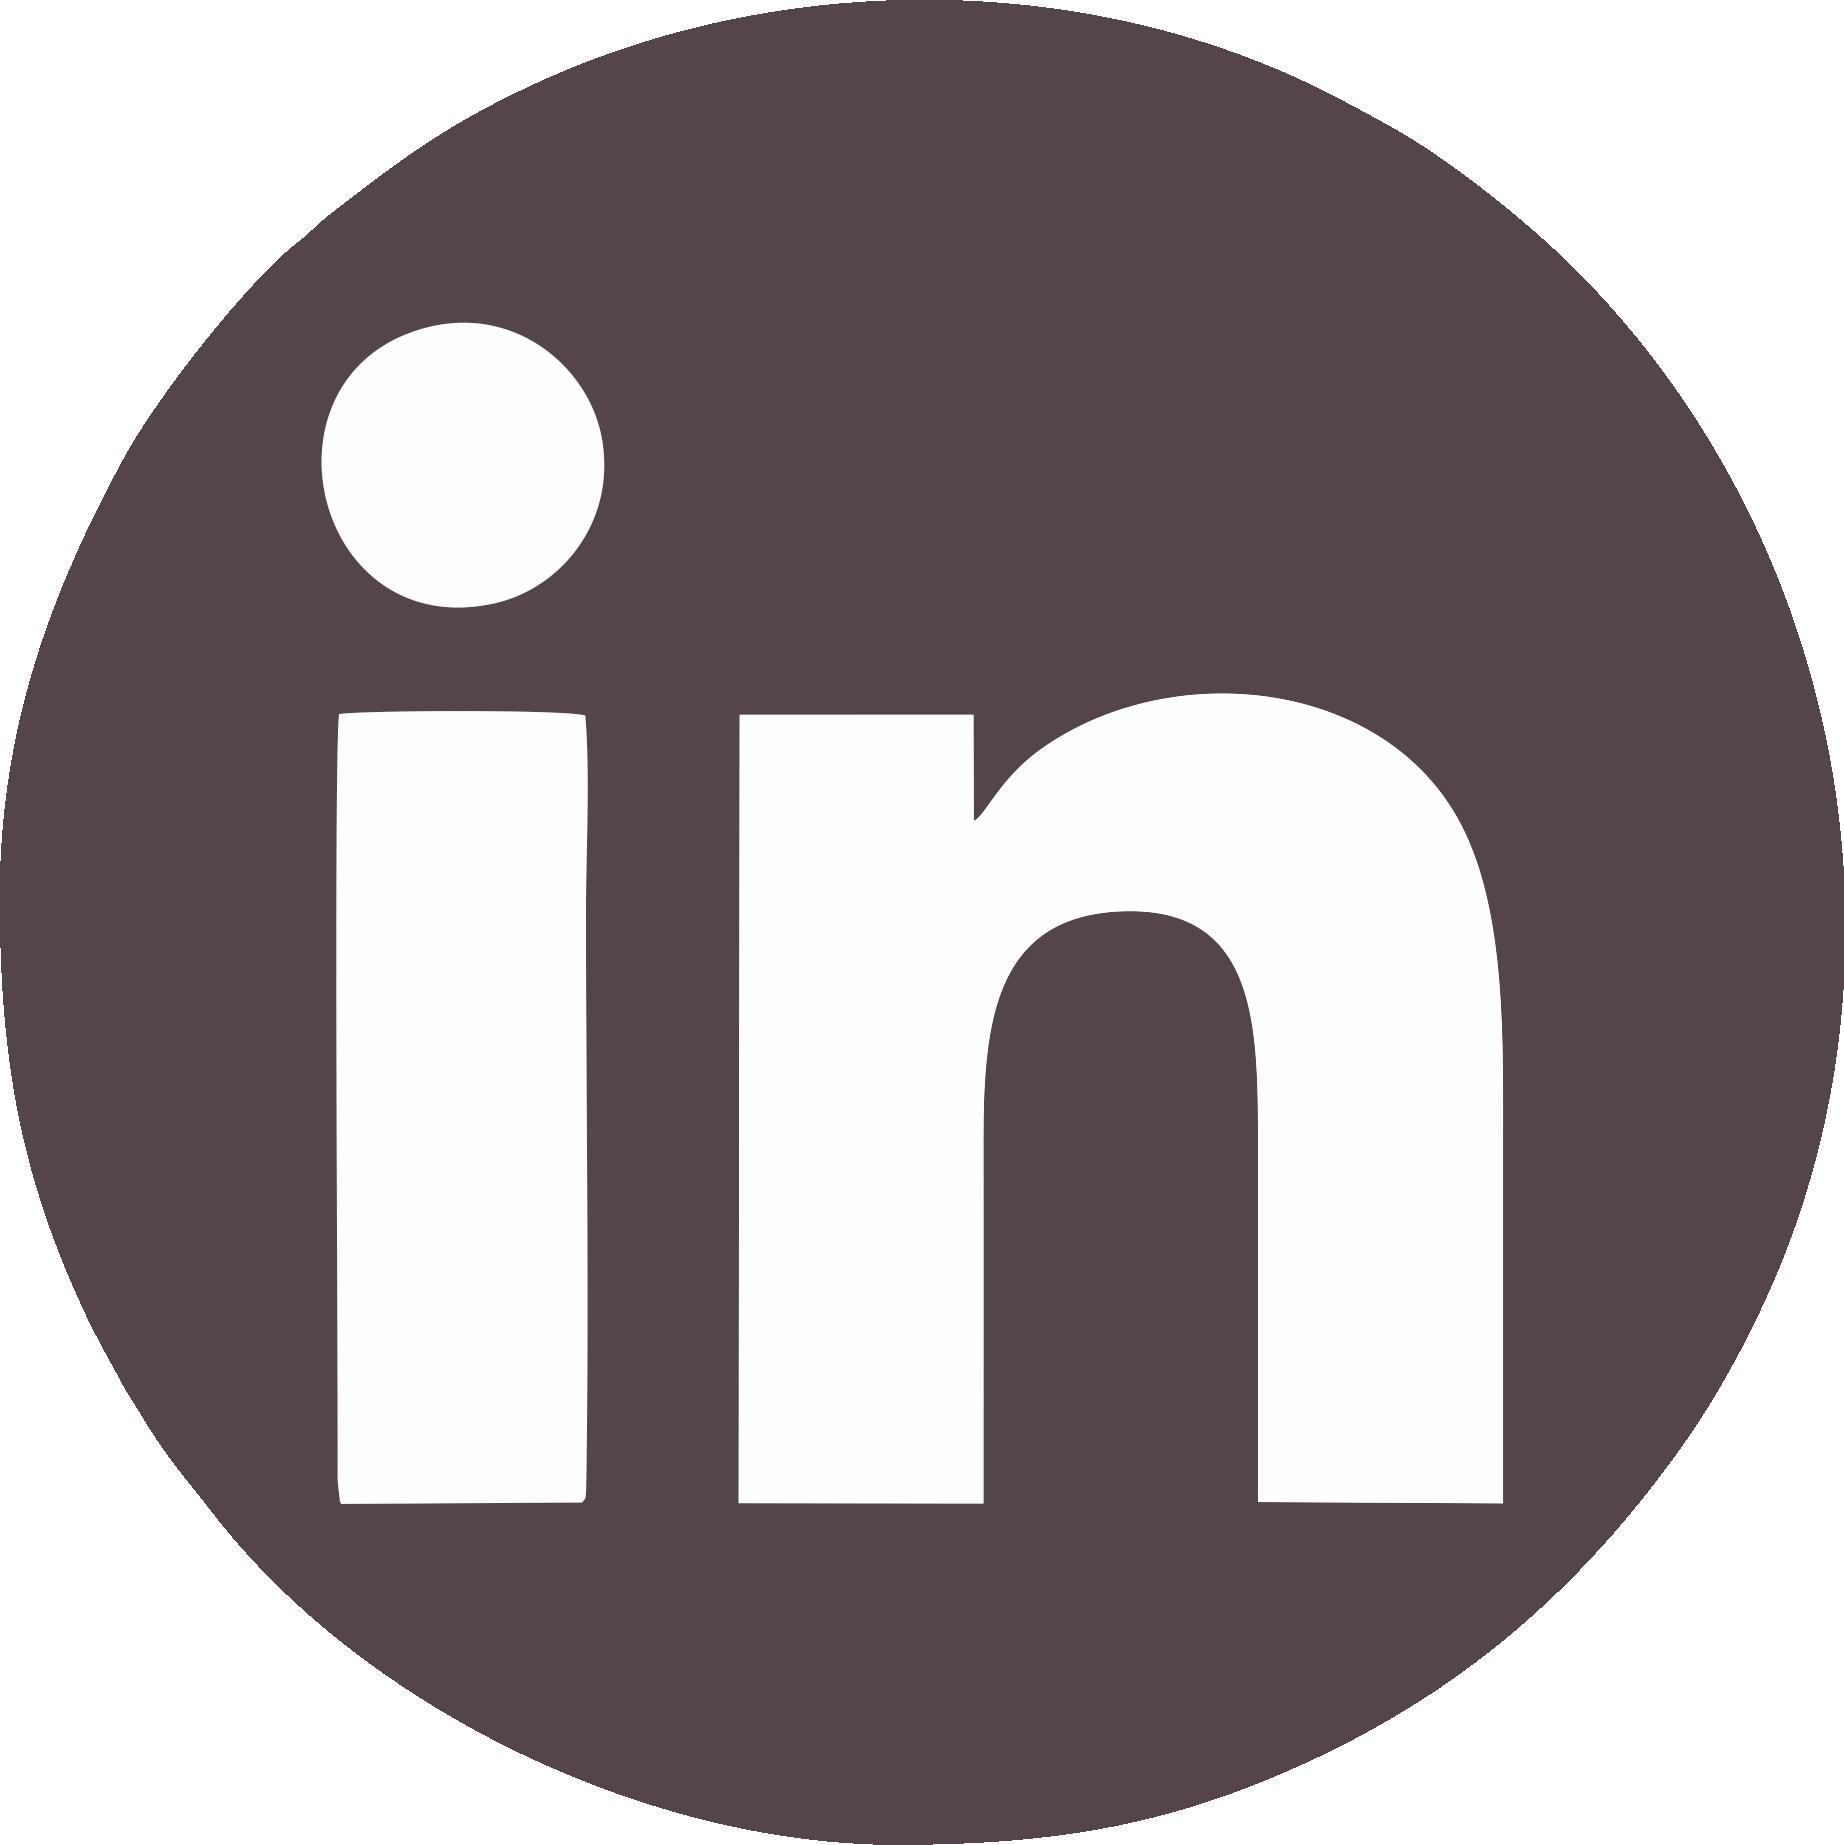 LinkedIn Bun Interior Design